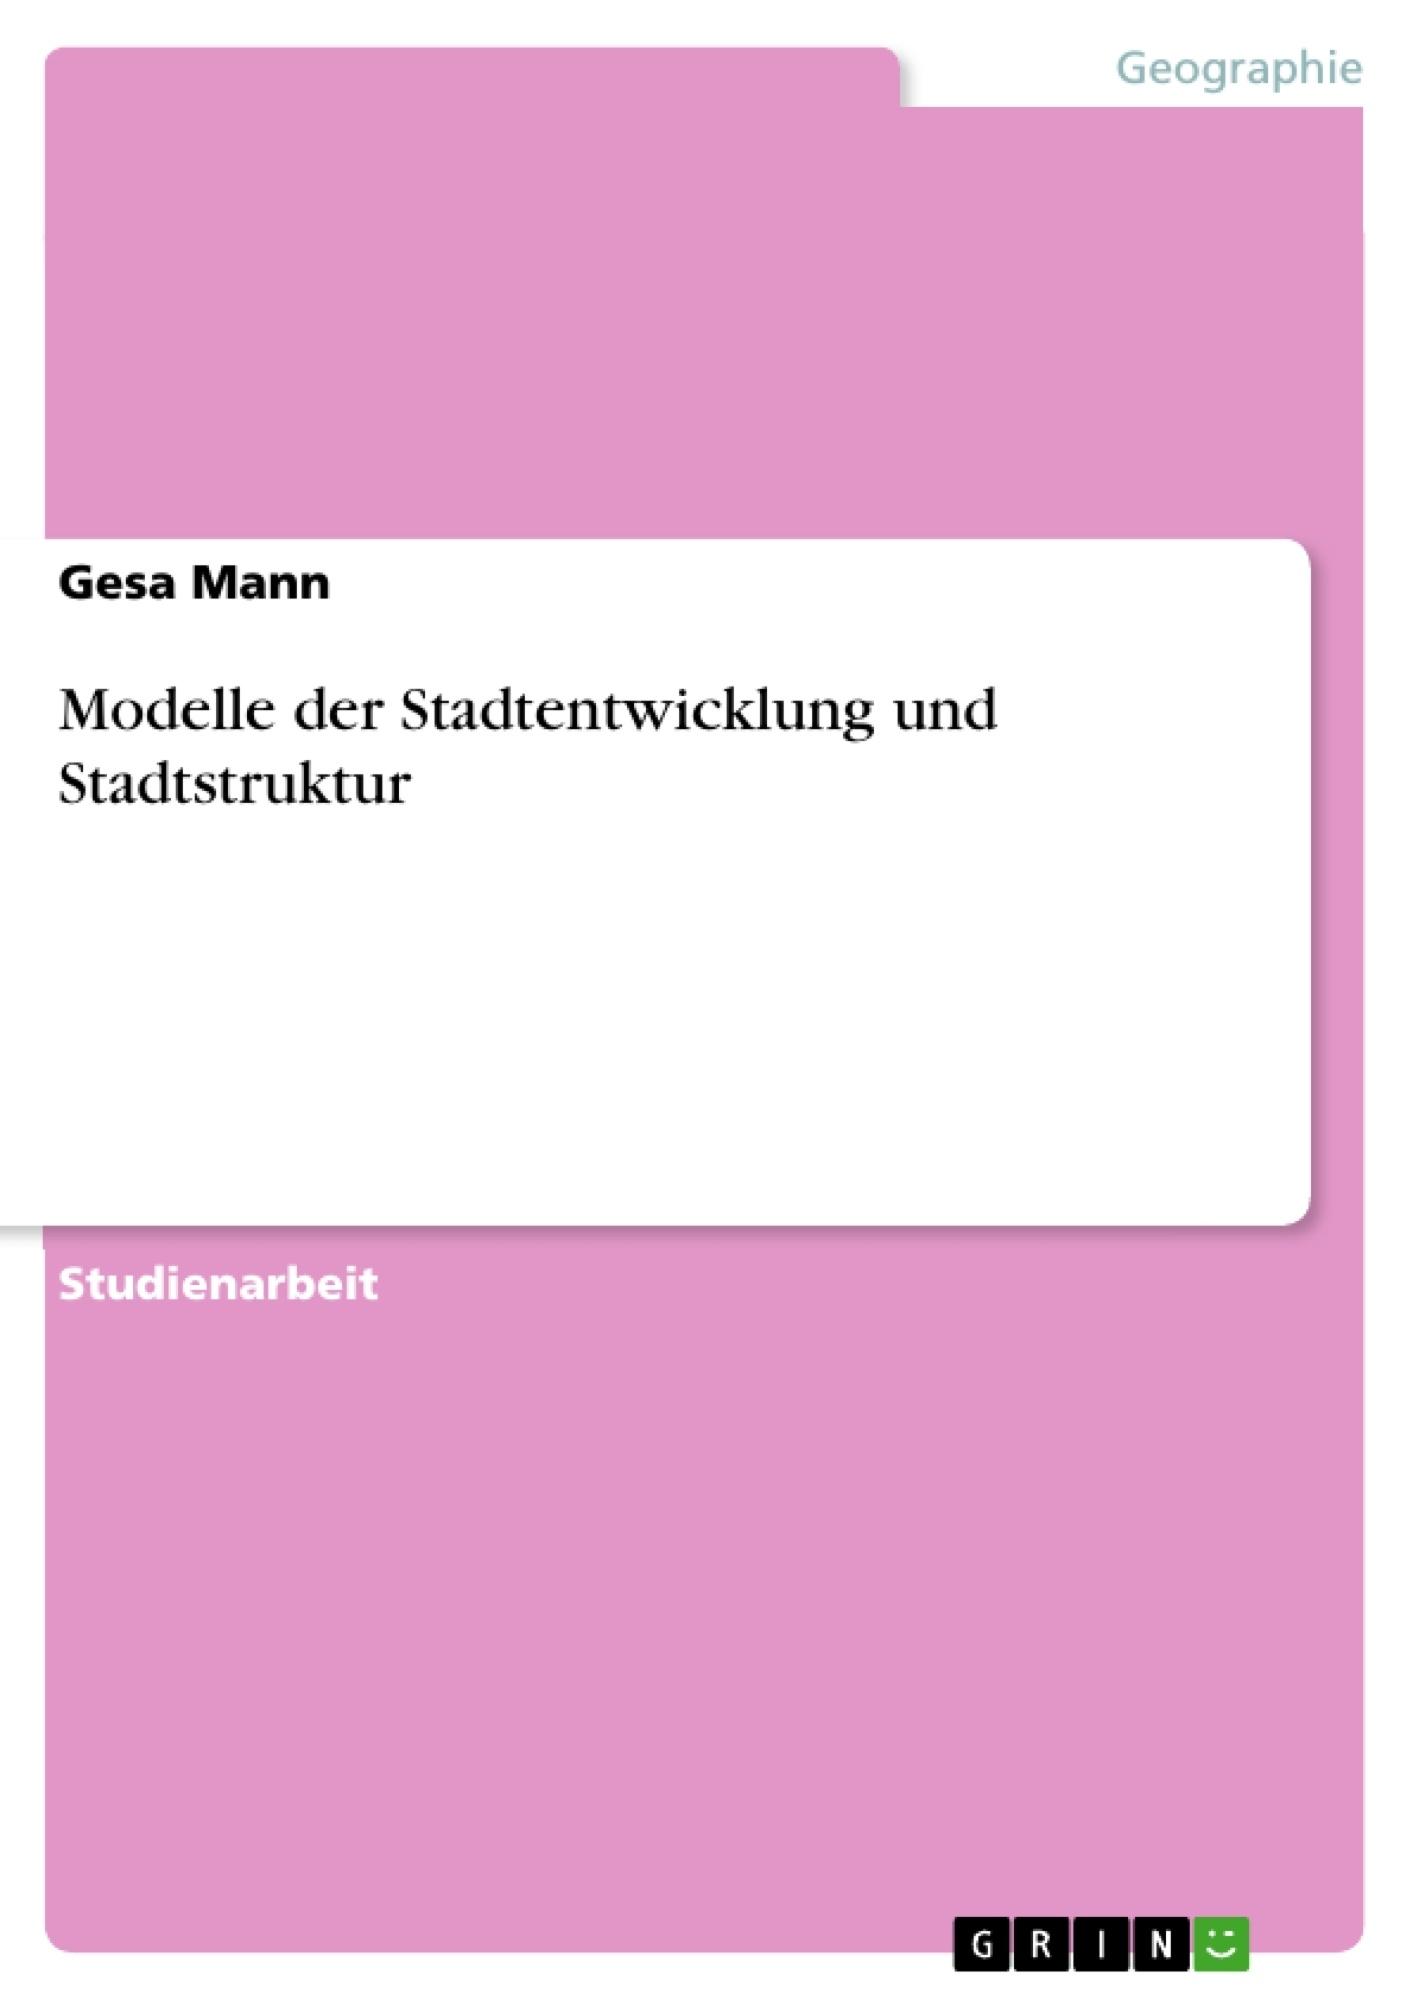 Titel: Modelle der Stadtentwicklung und Stadtstruktur